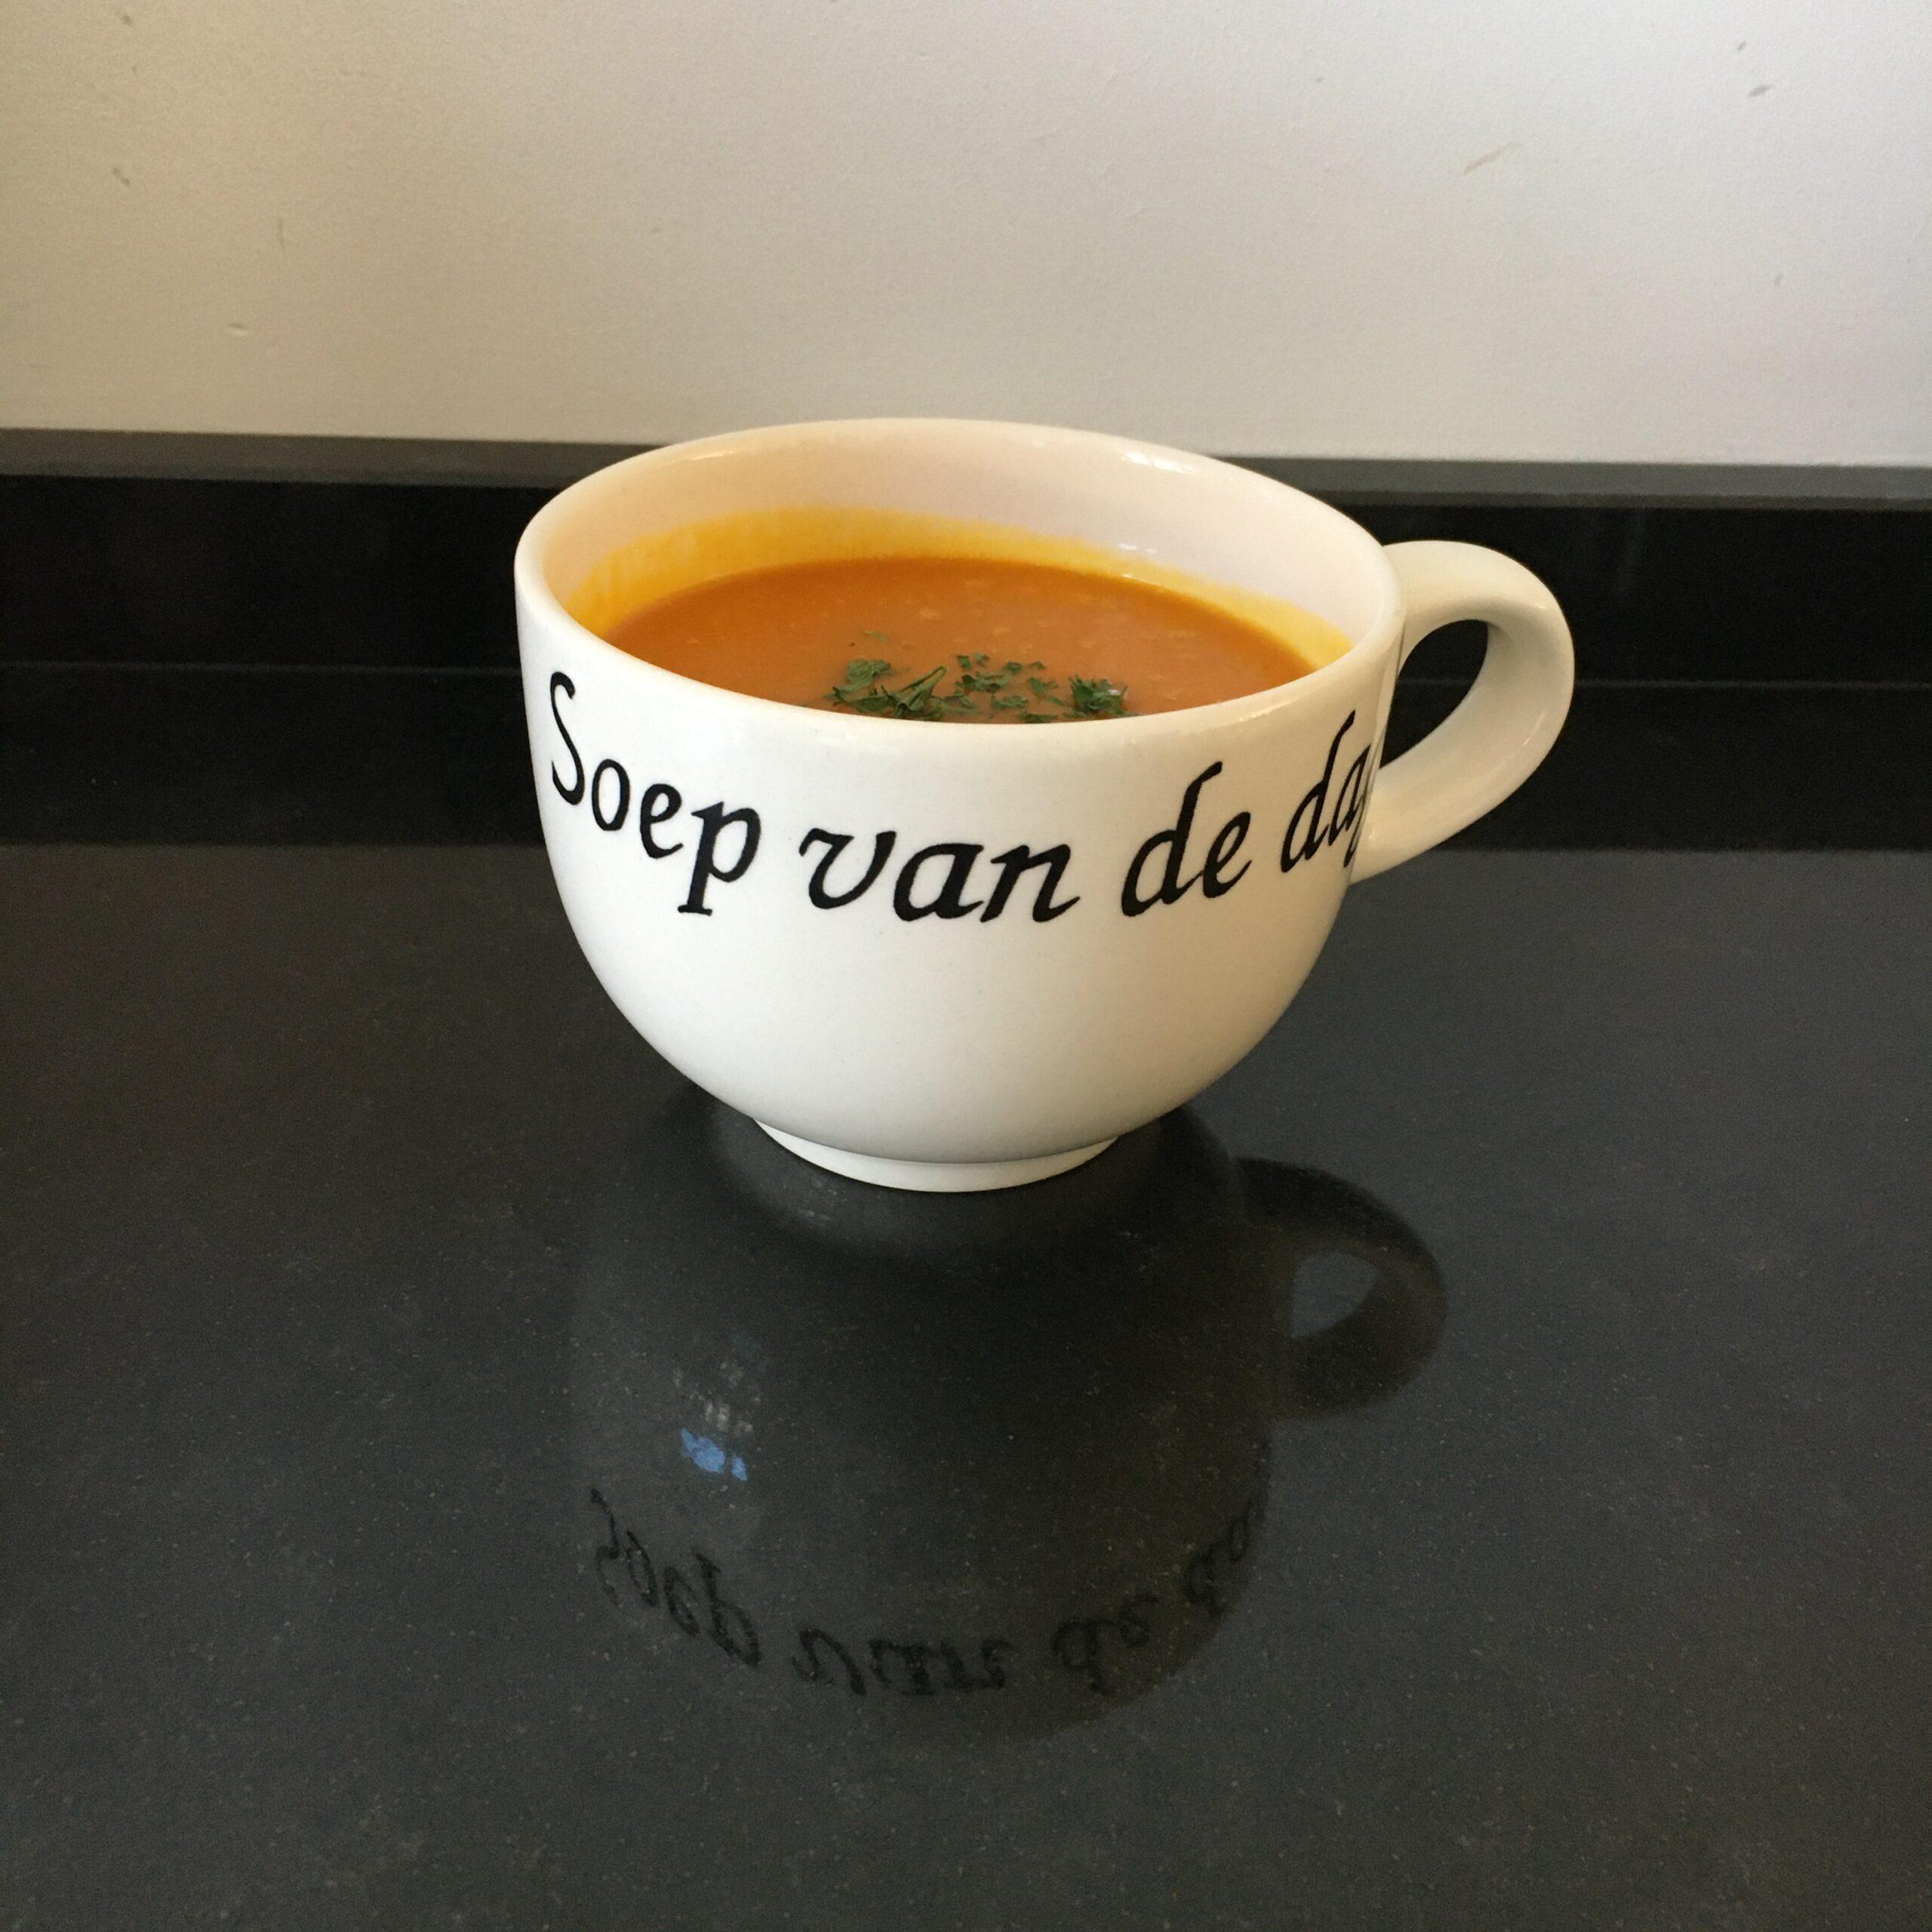 Foto laten zien van kop pompoensoep voor recept Pompoensoep